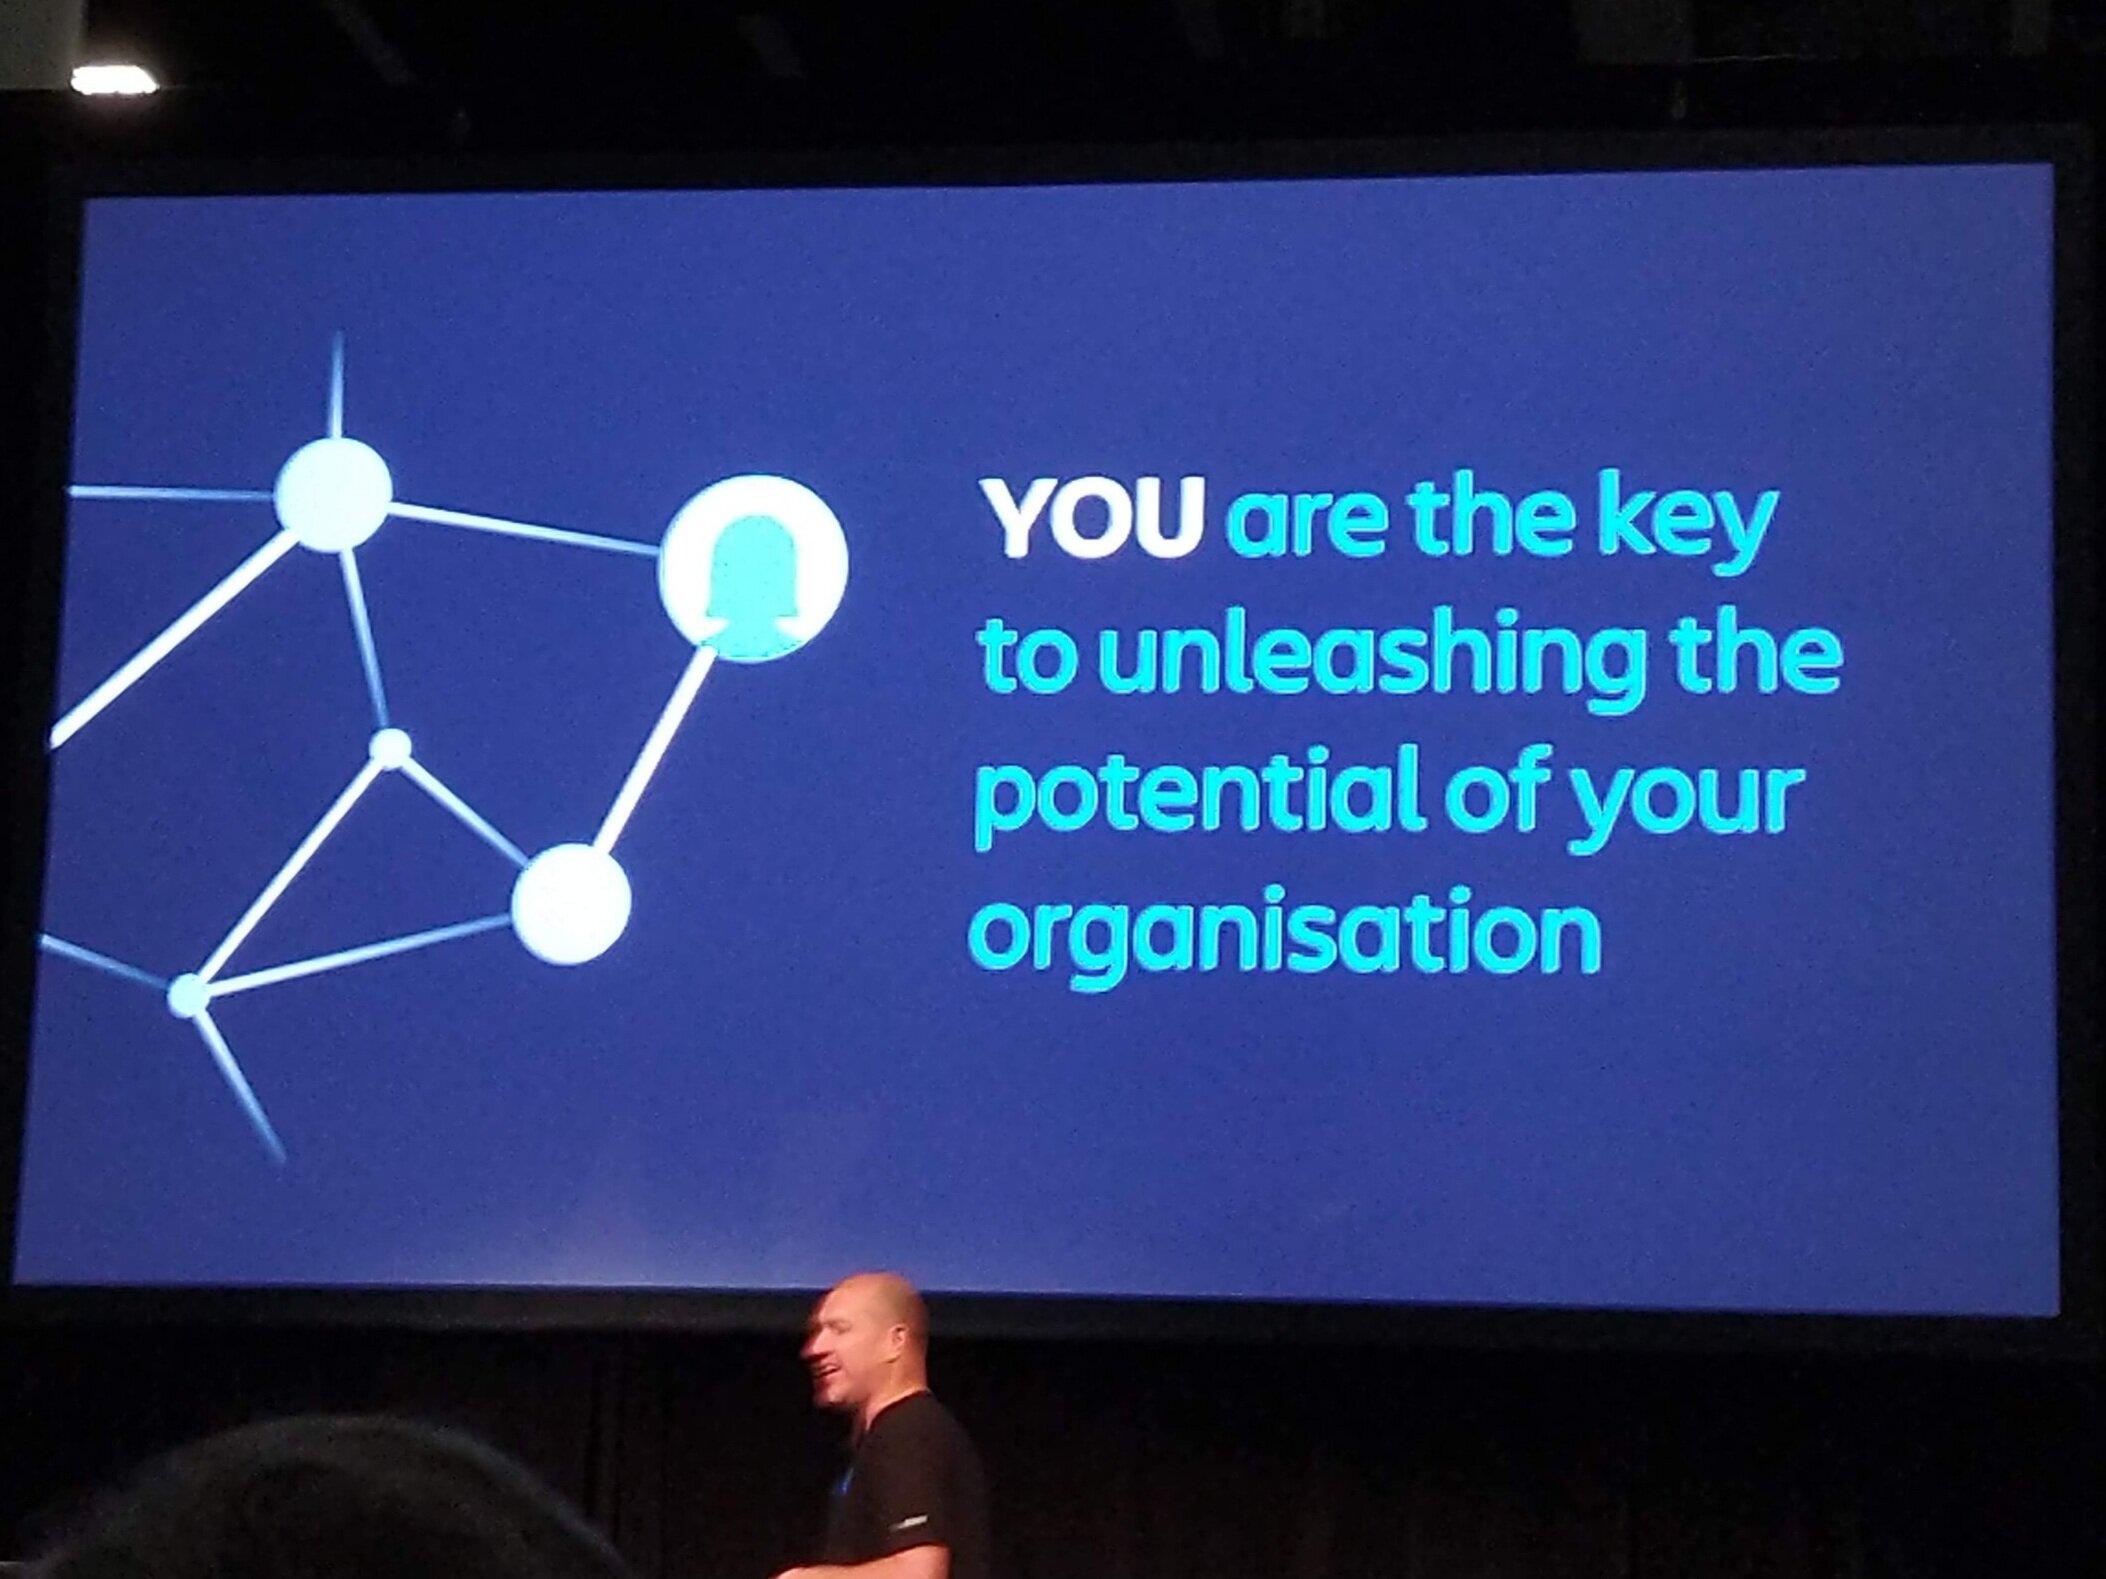 Be_the_change_you_seek-keeganluiters.jpg